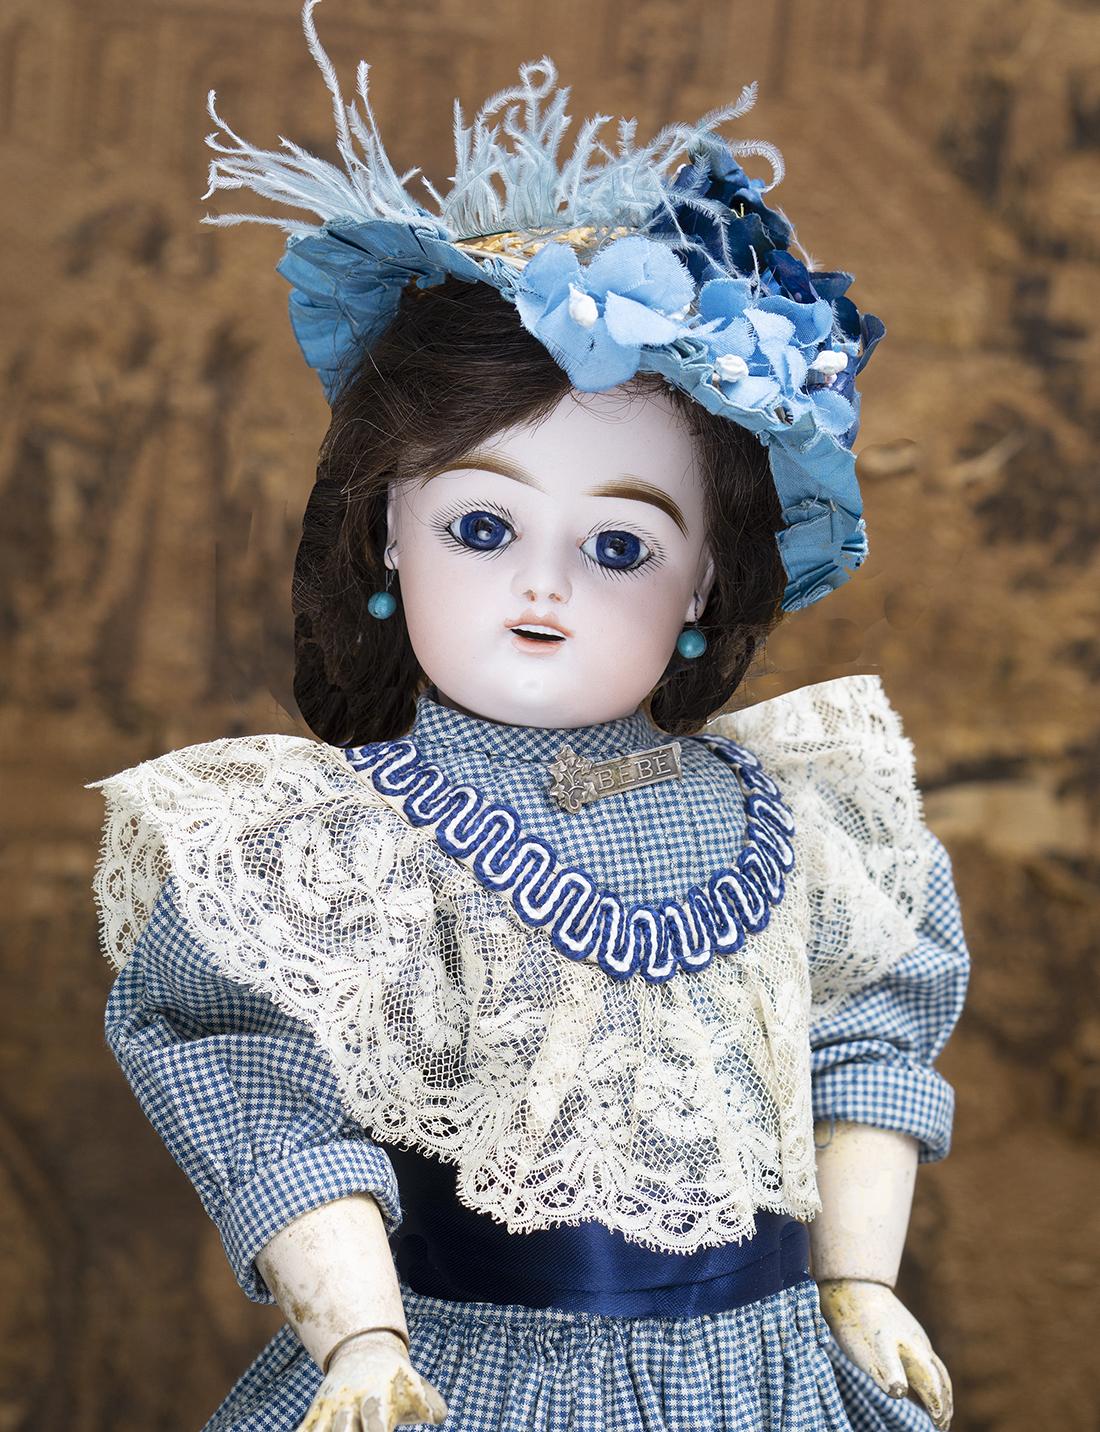 46 см  Французская кукла Gaultier Freres FG, 1880е годы